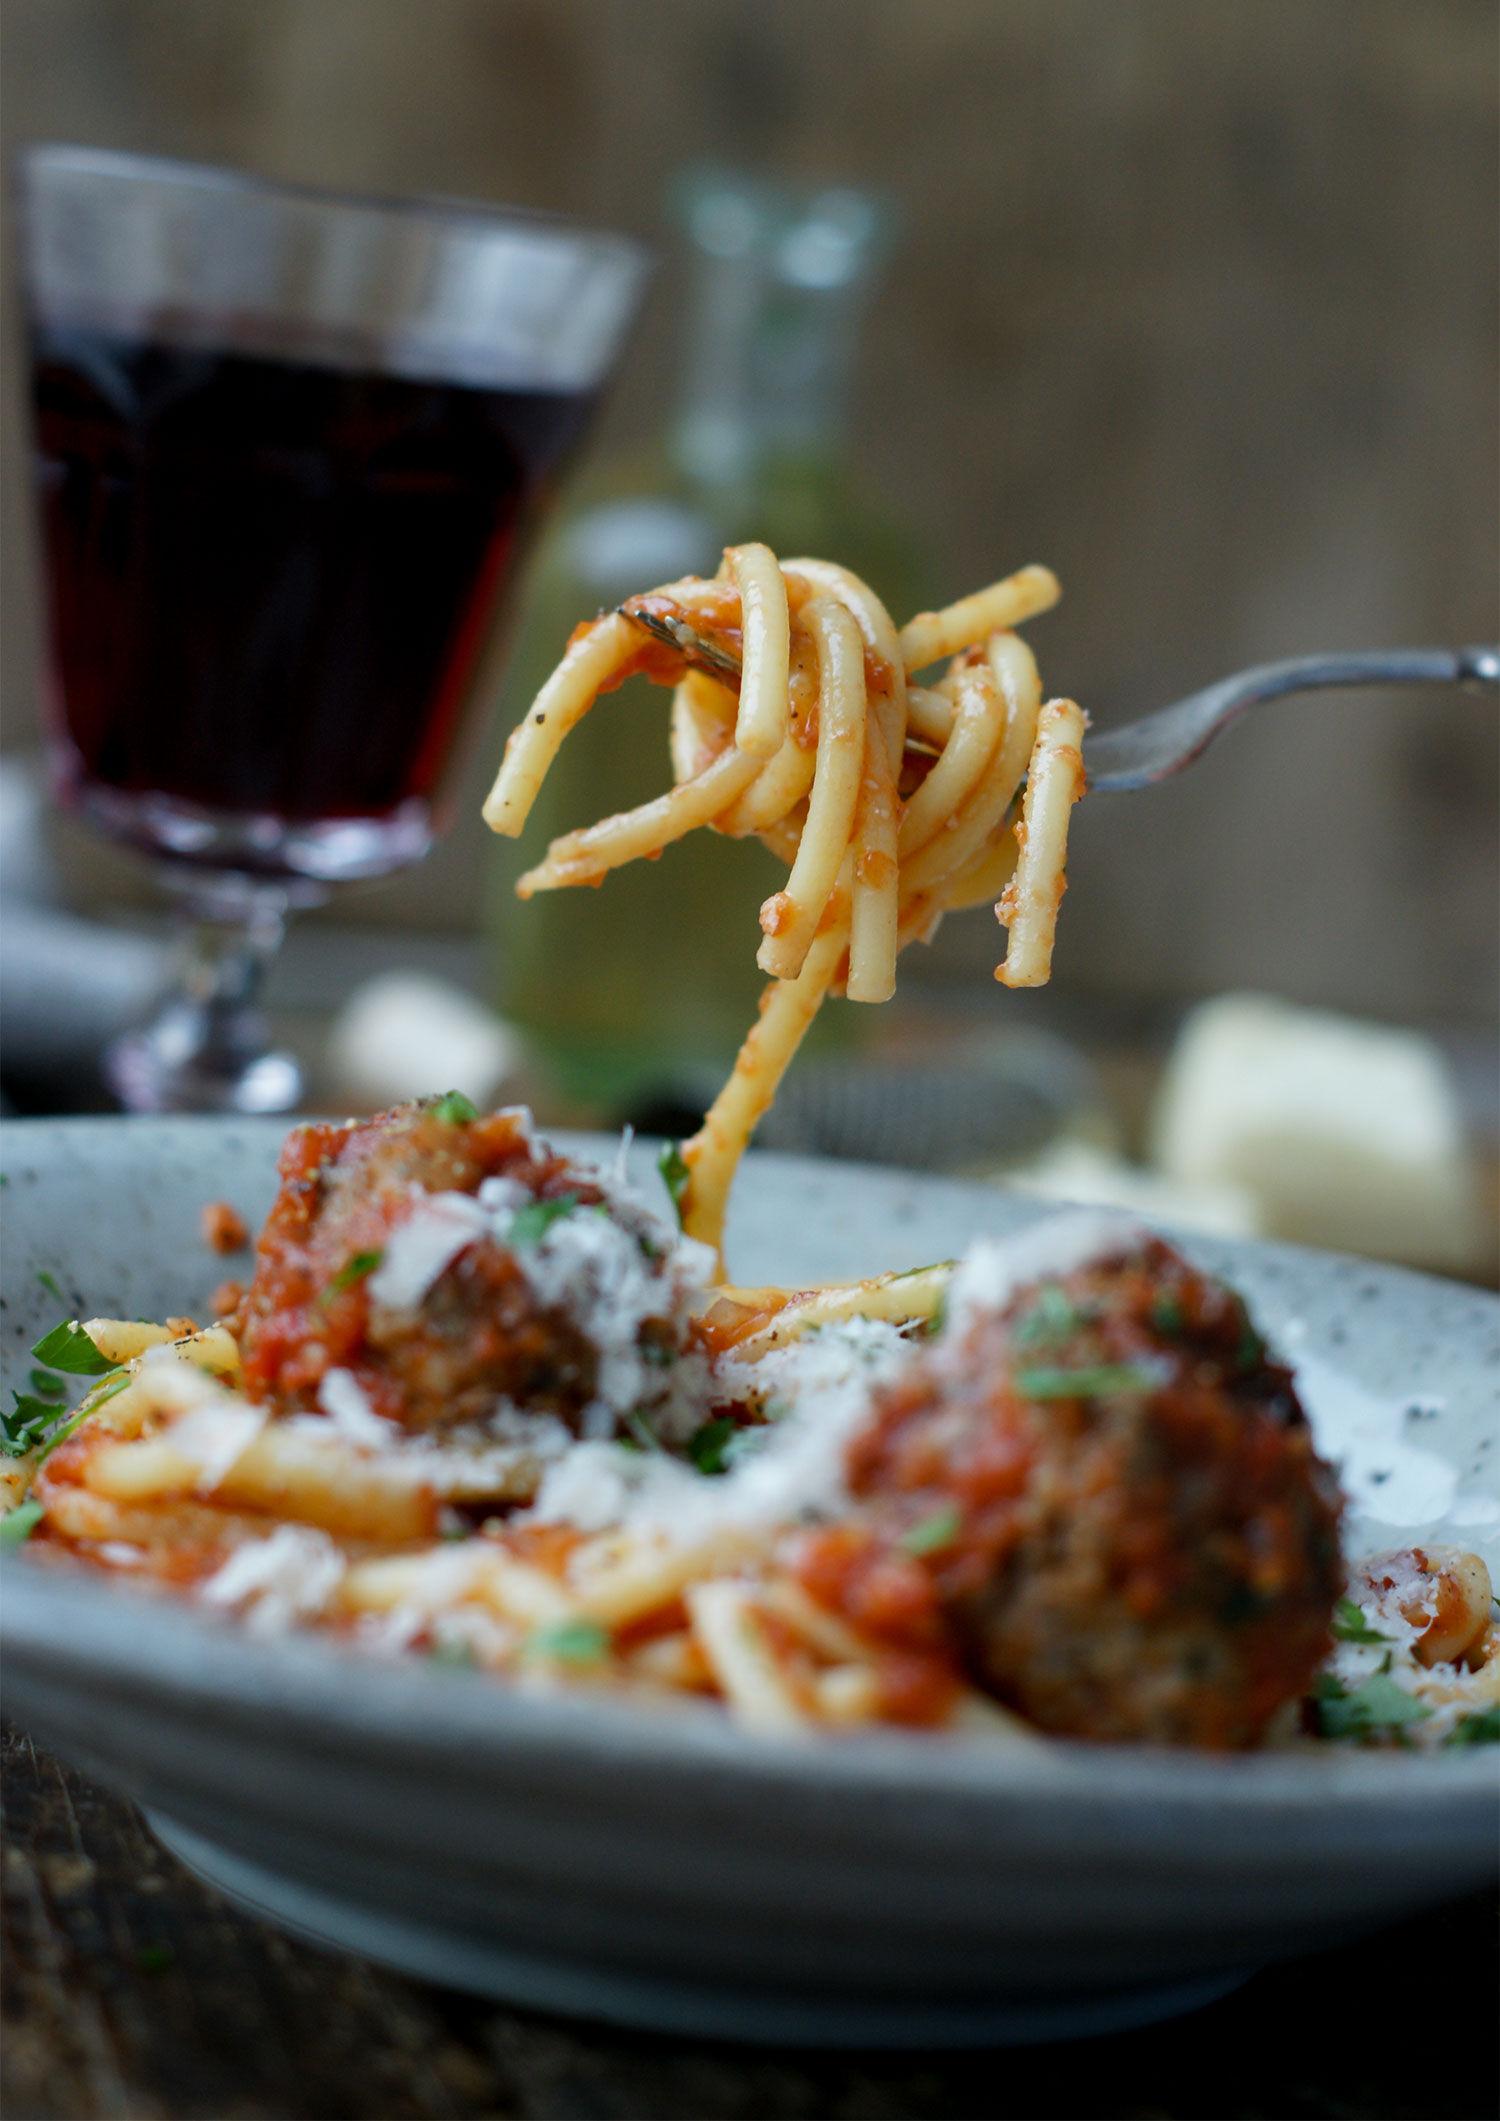 gaffel med spaghetti och italienska köttbullar i tomatsås